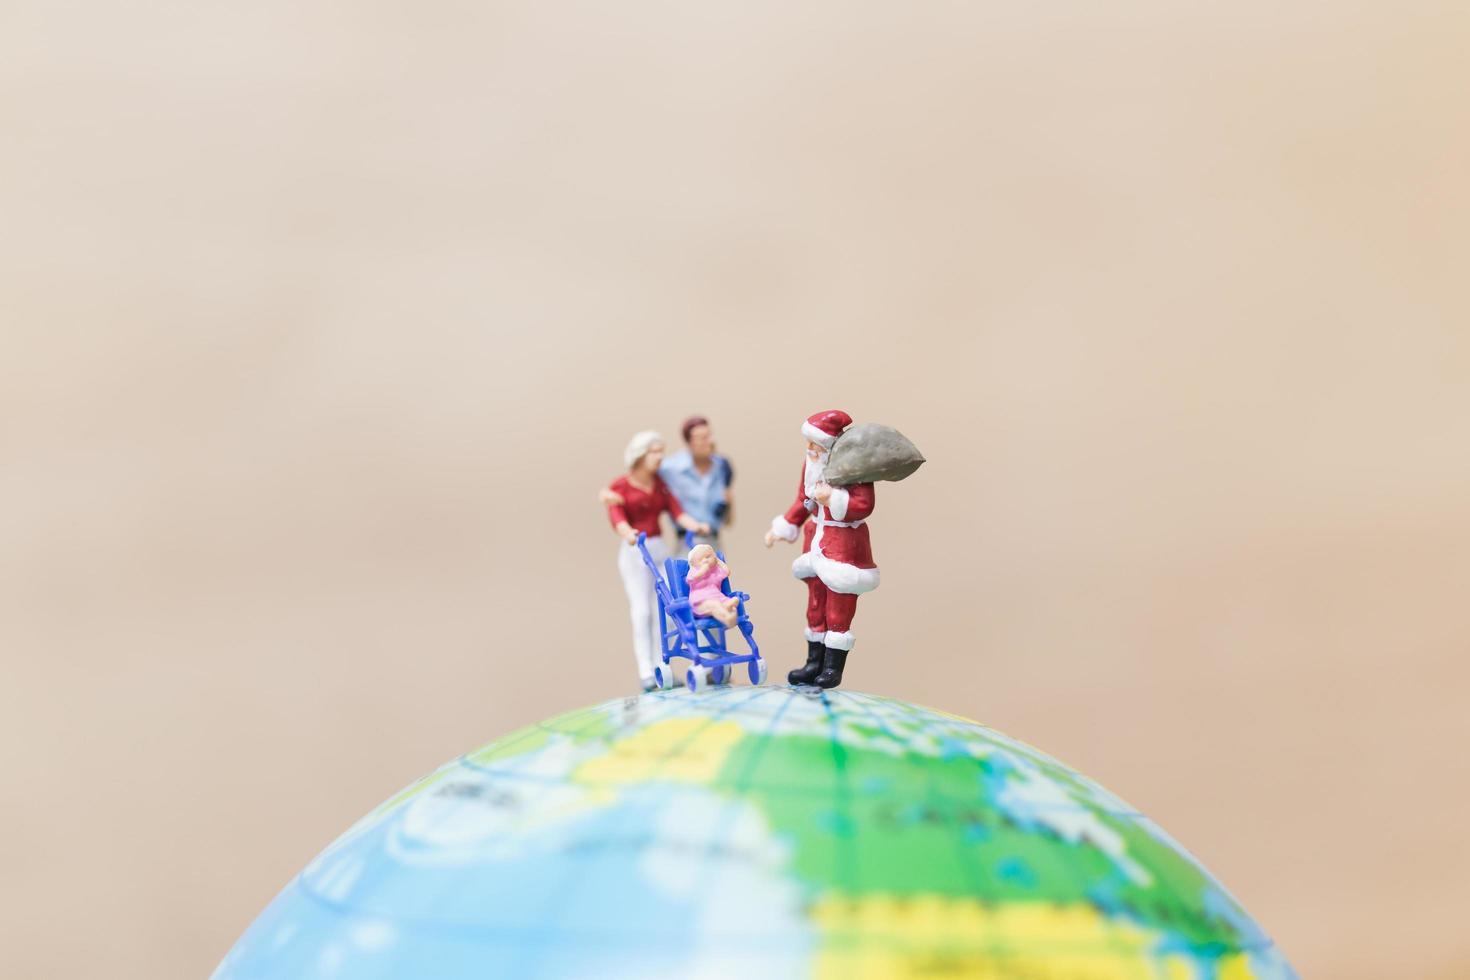 miniatura do papai noel segurando presentes para as crianças em um globo, conceito de feliz natal foto